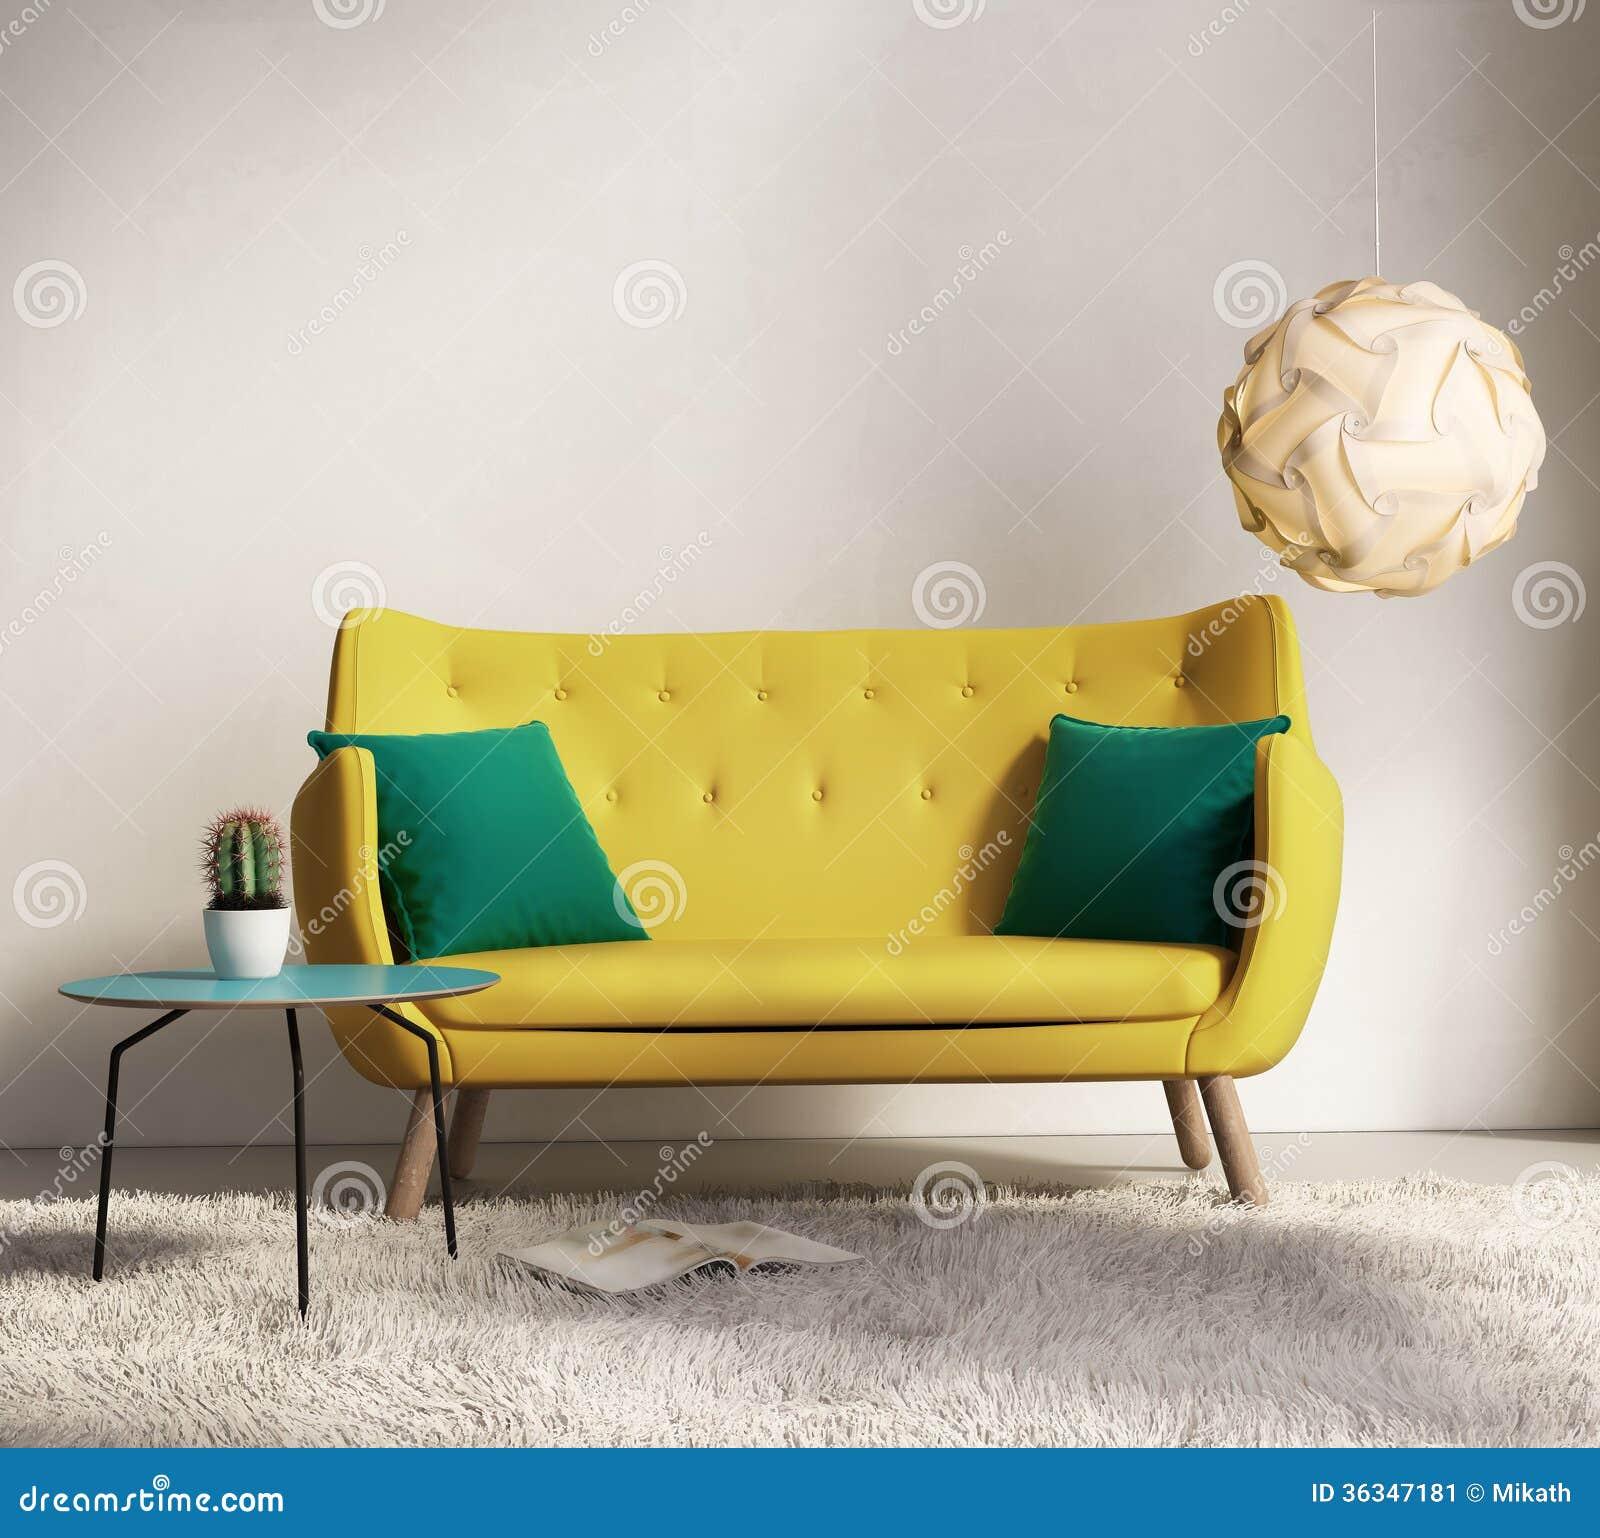 gelbes sofa im frischen innenwohnzimmer stockbild bild. Black Bedroom Furniture Sets. Home Design Ideas